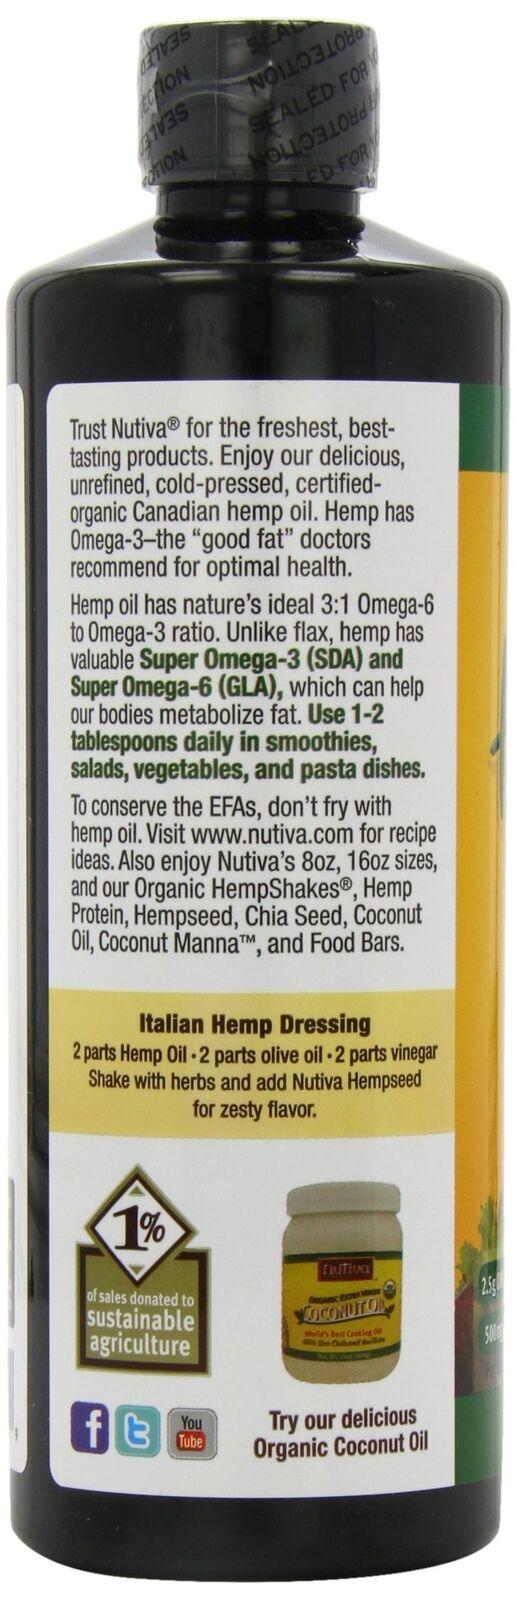 Nutiva Organic Hemp Oil 24 Ounce 4